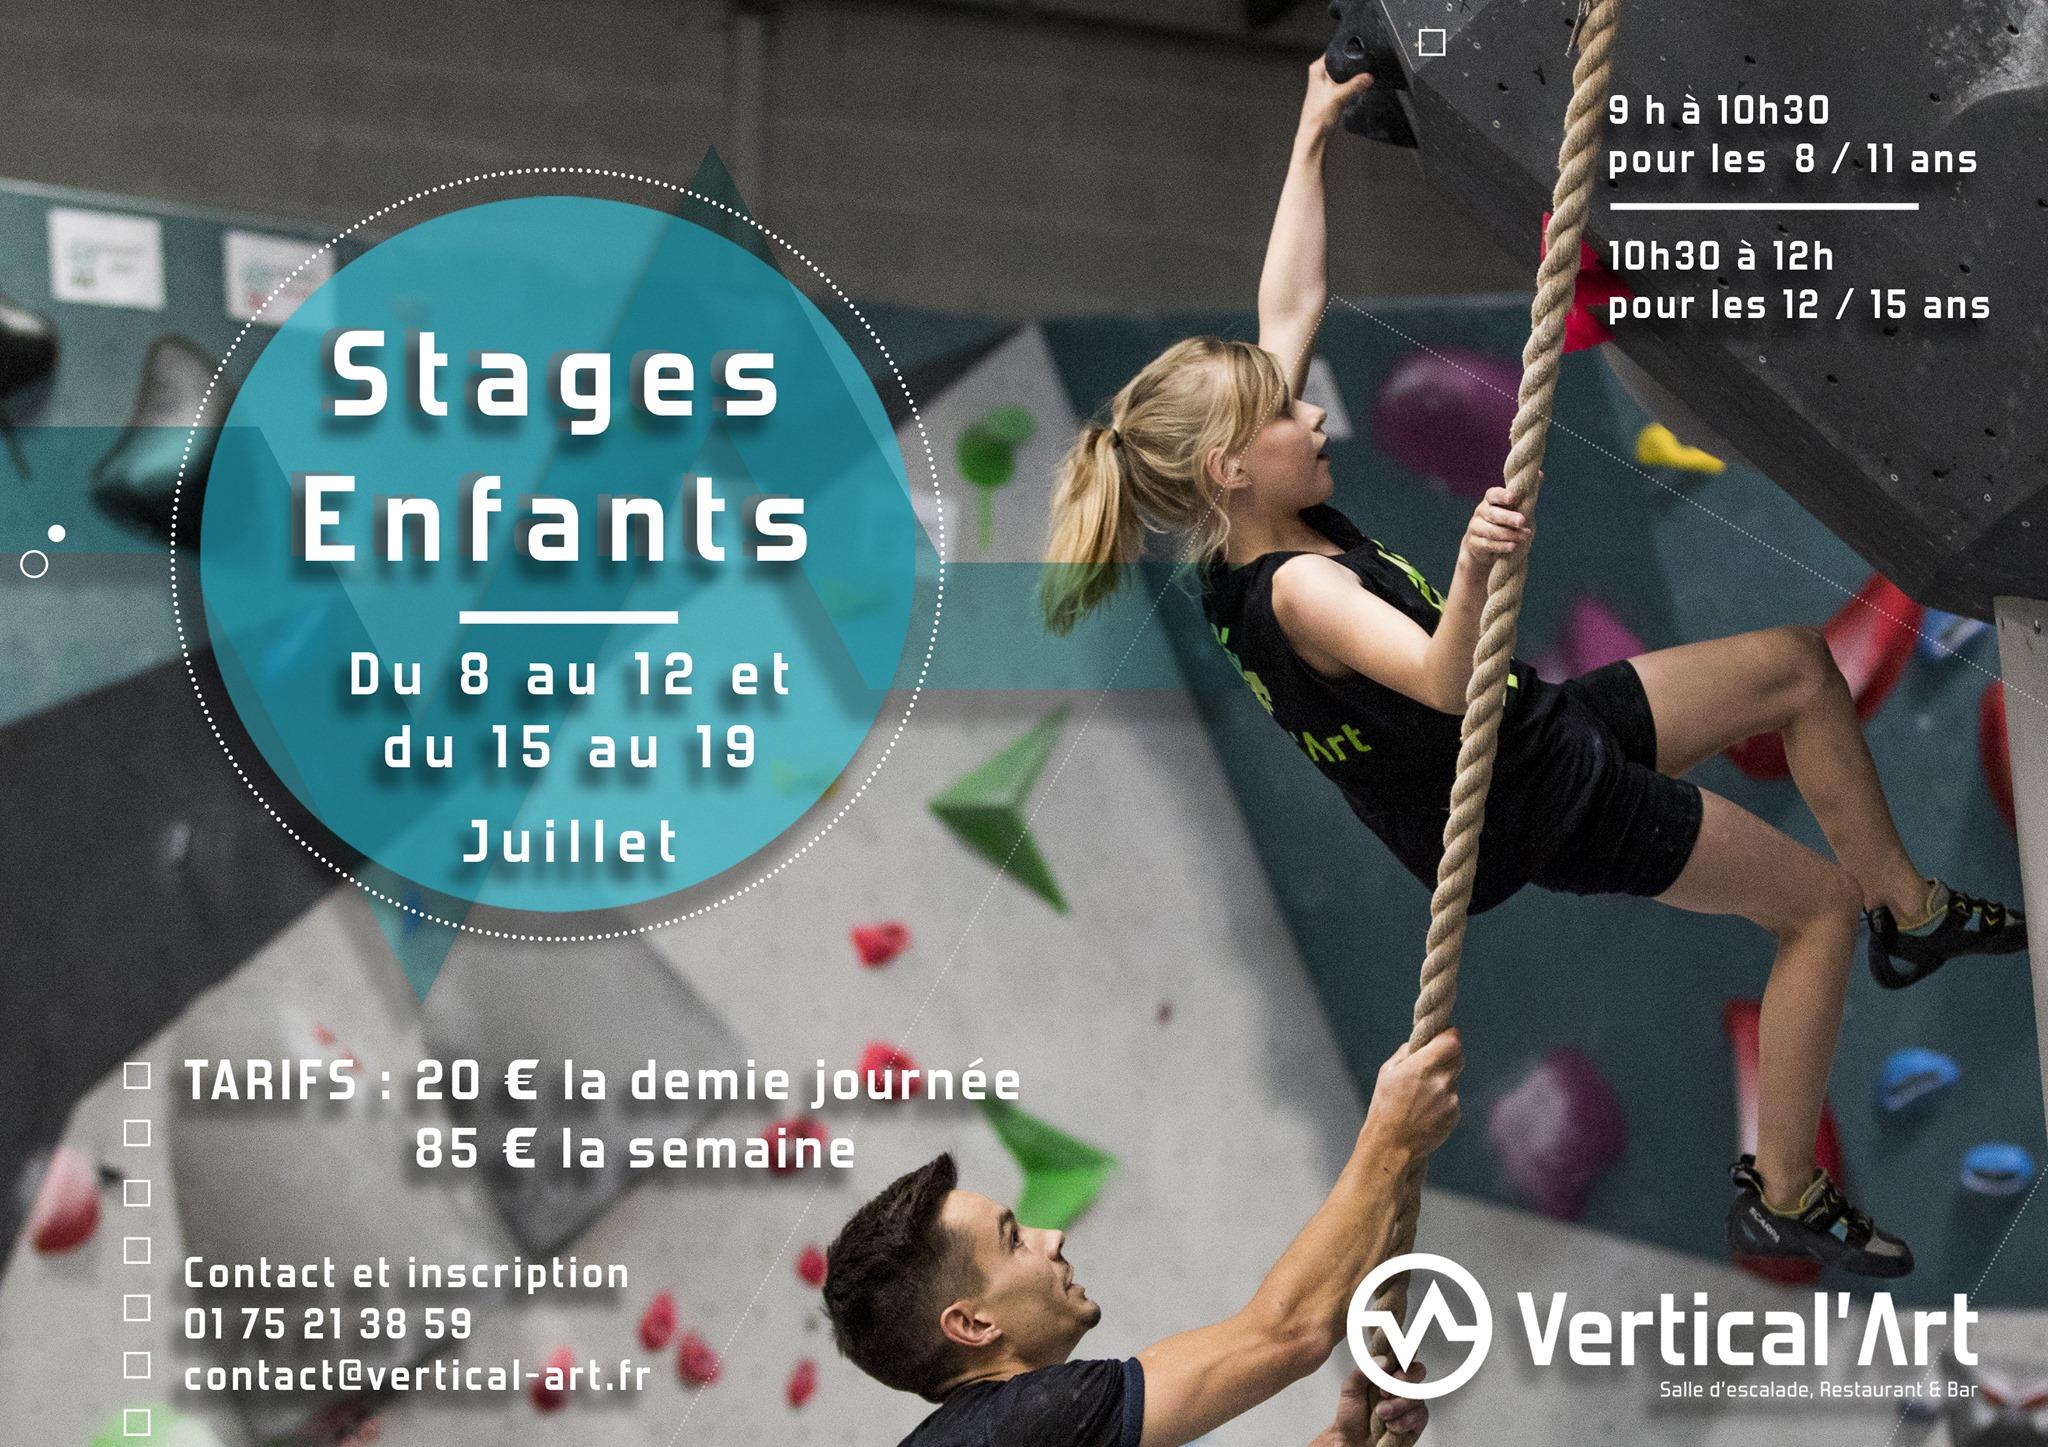 stage enfant à vertical'art saint-Quentin-en-Yvelines- enfants - jeux